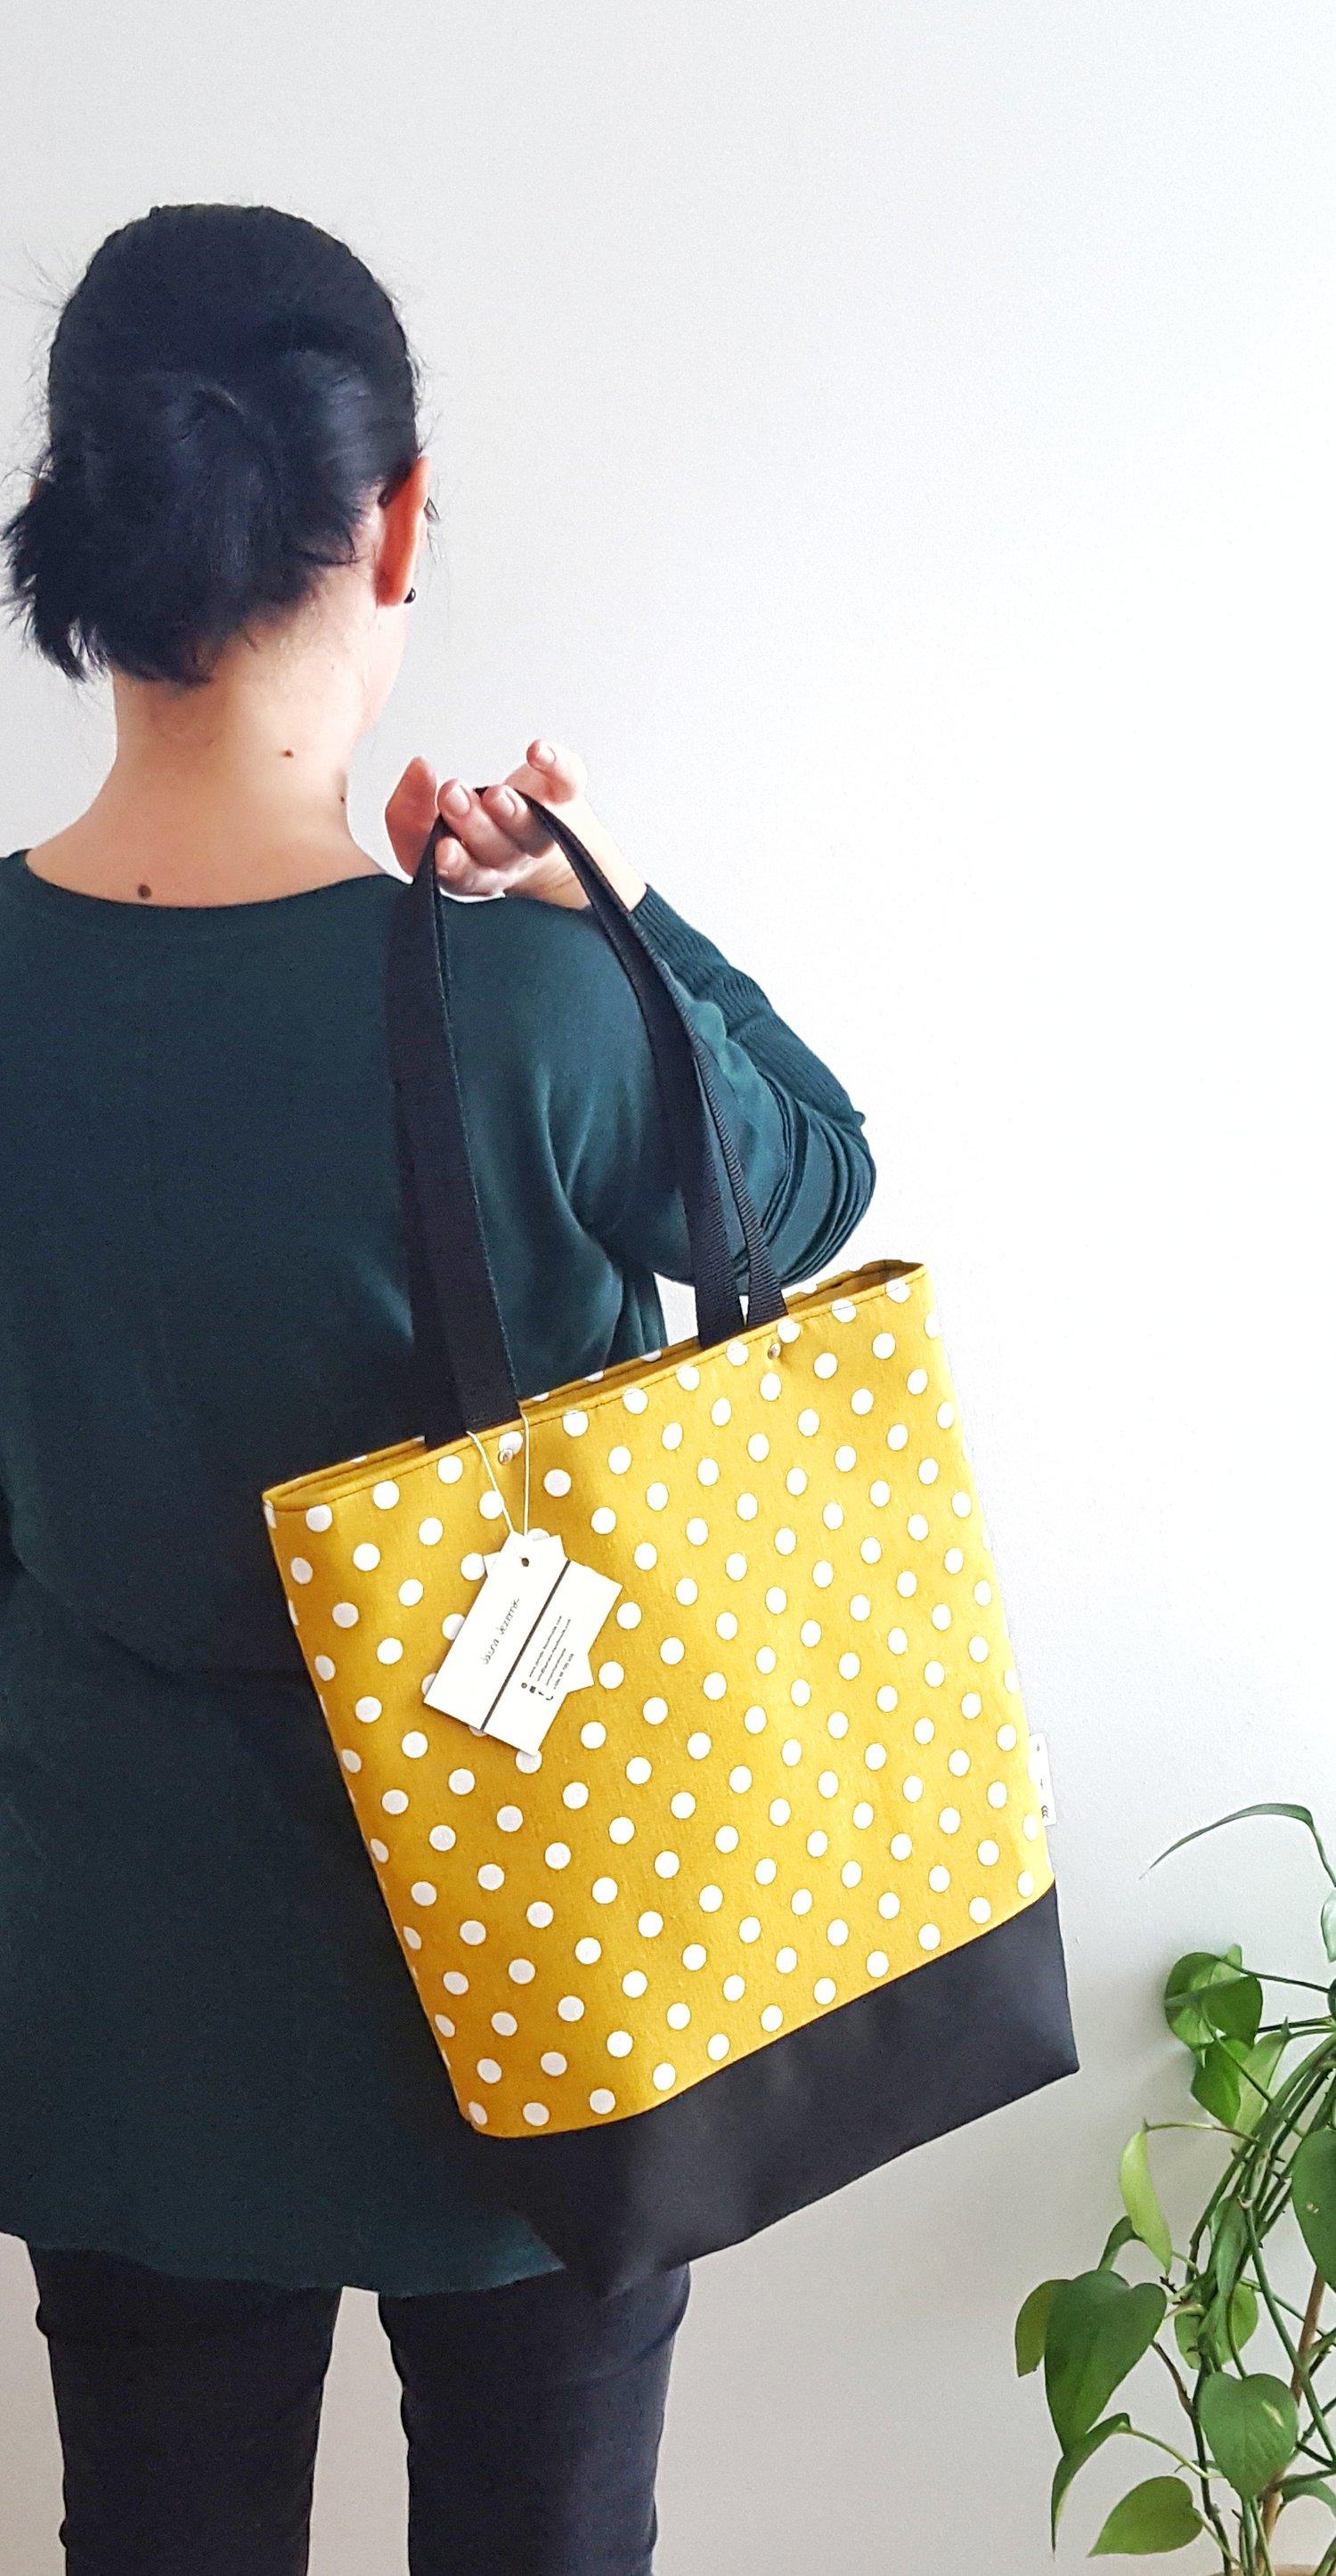 Image of Torba Nika / Shoulder bag Nika